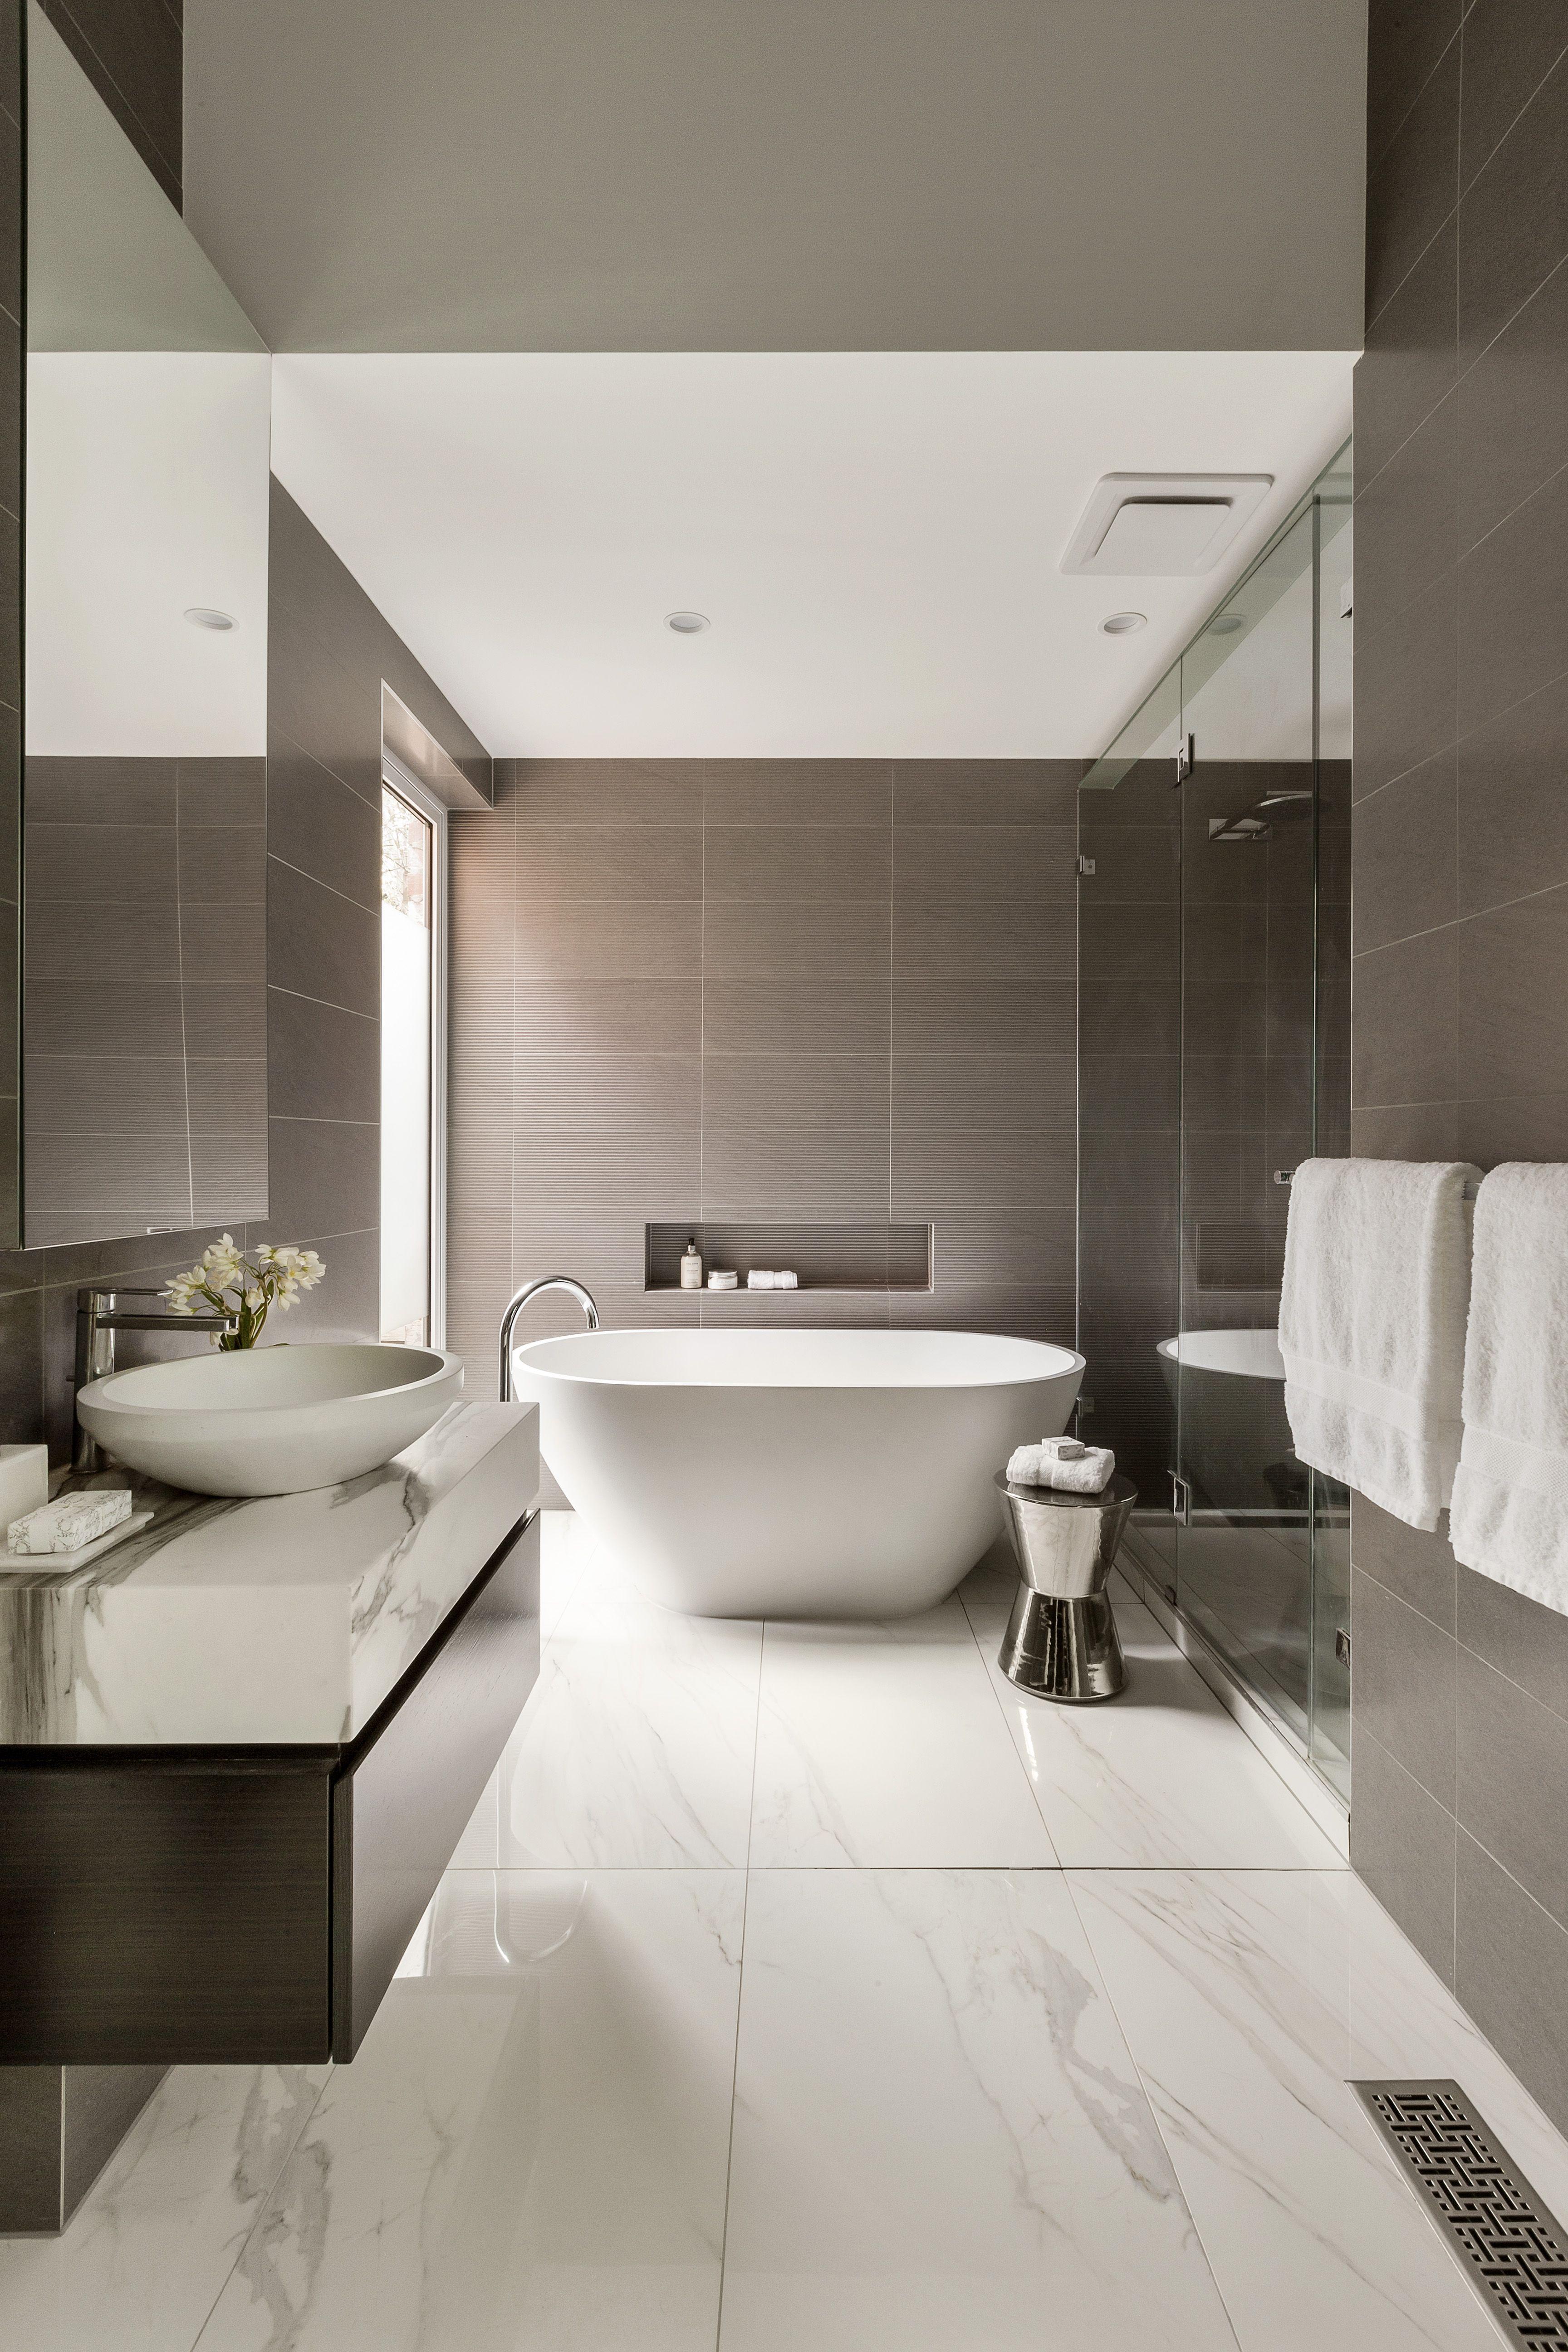 curva house lsa architects bathtubs ideas pinterest